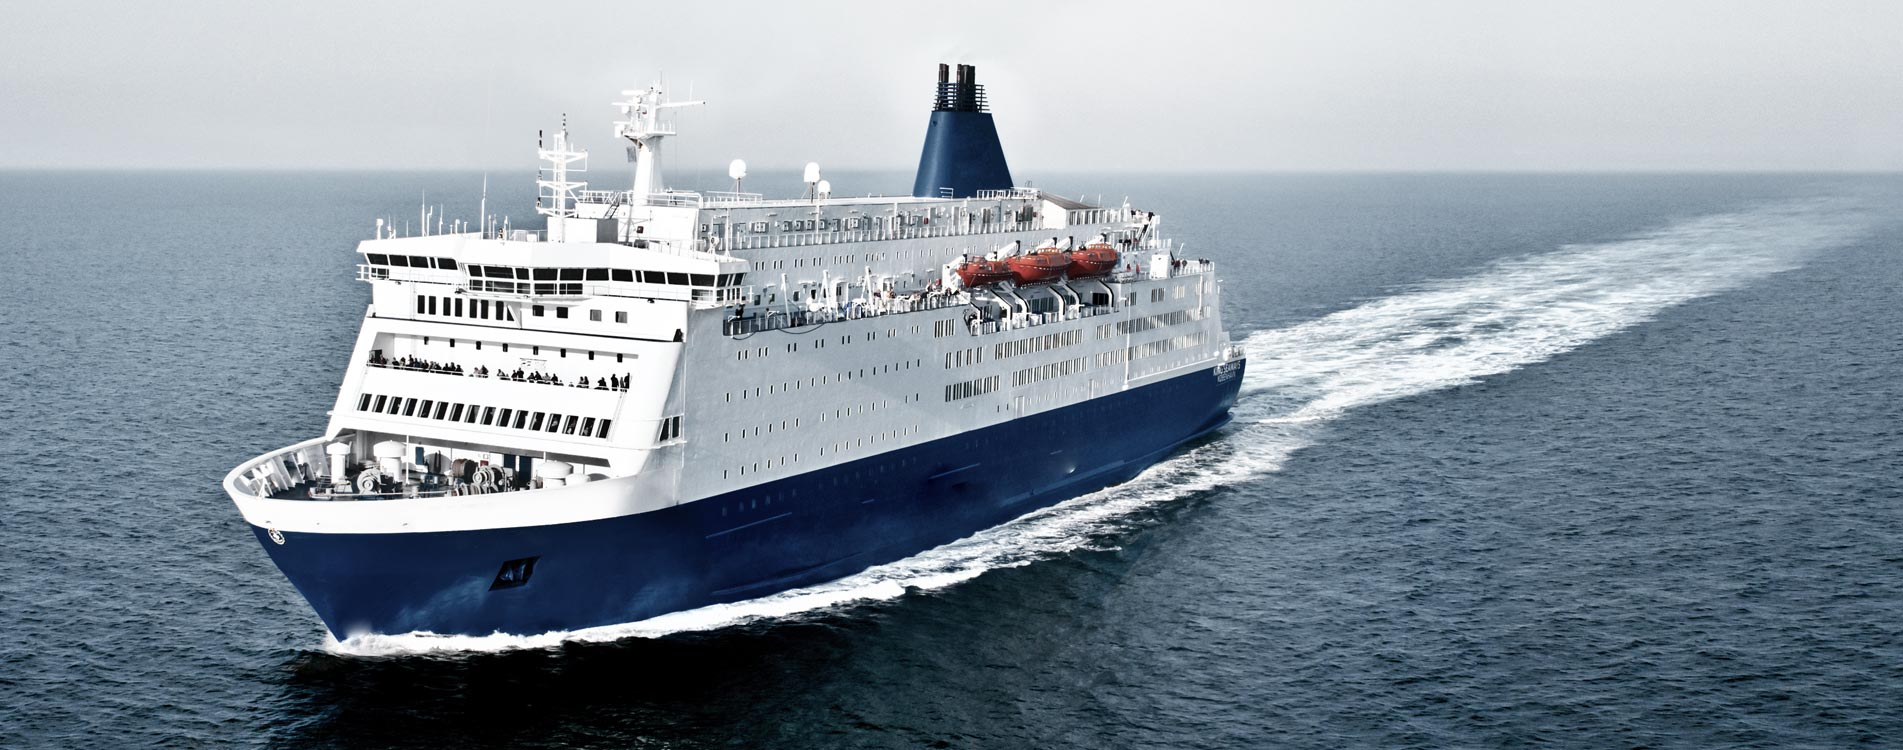 Ωράρια για δρομολόγια πλοίων